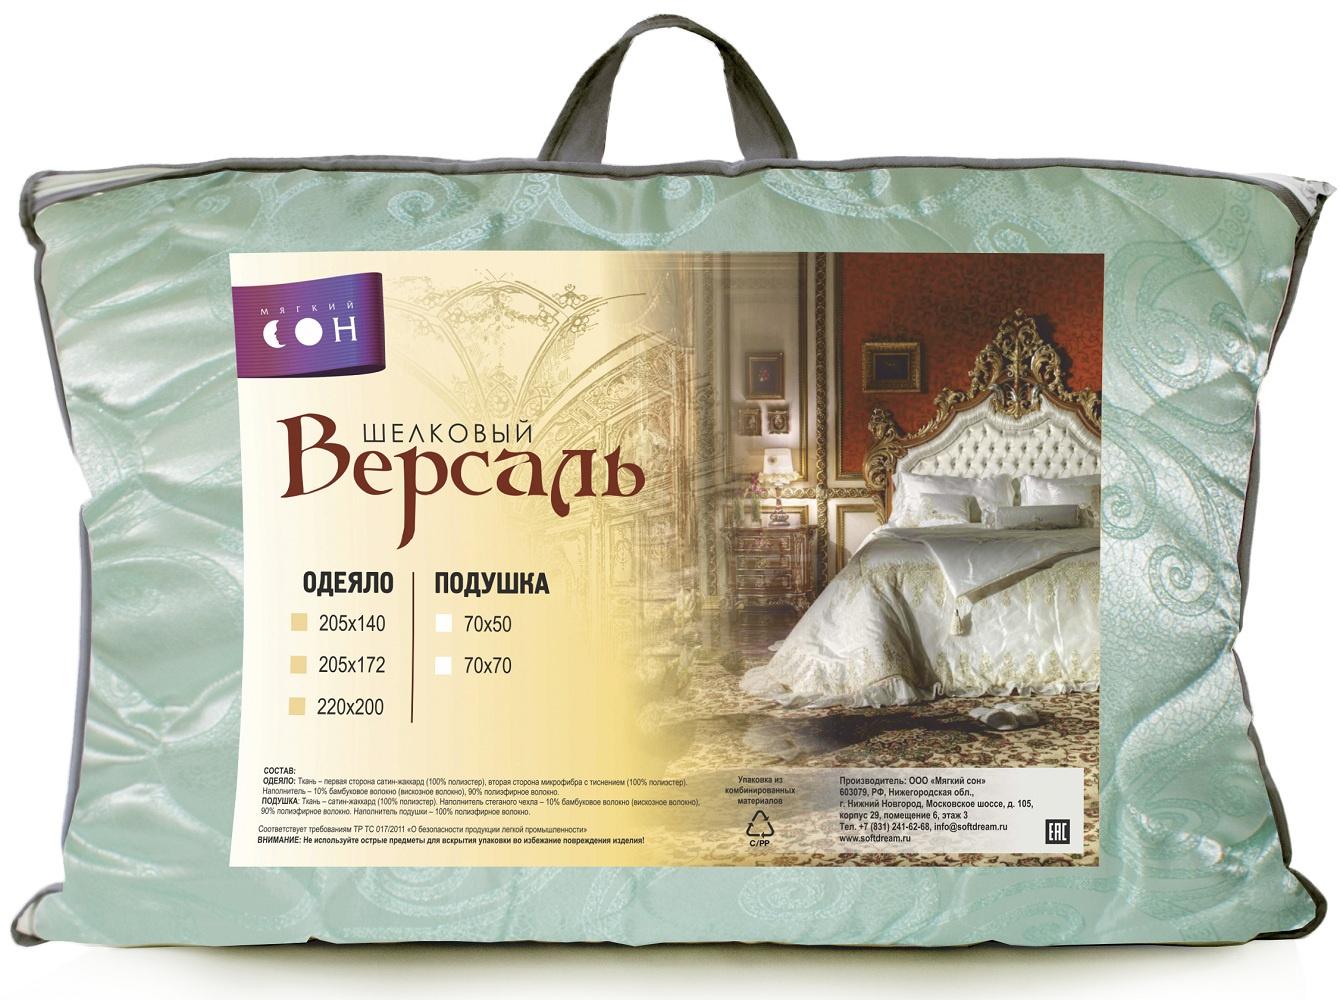 Подушка Мягкий Сон Версаль нестеганая, цвет: мятный, 50х70 см. ПСБМ-1515у